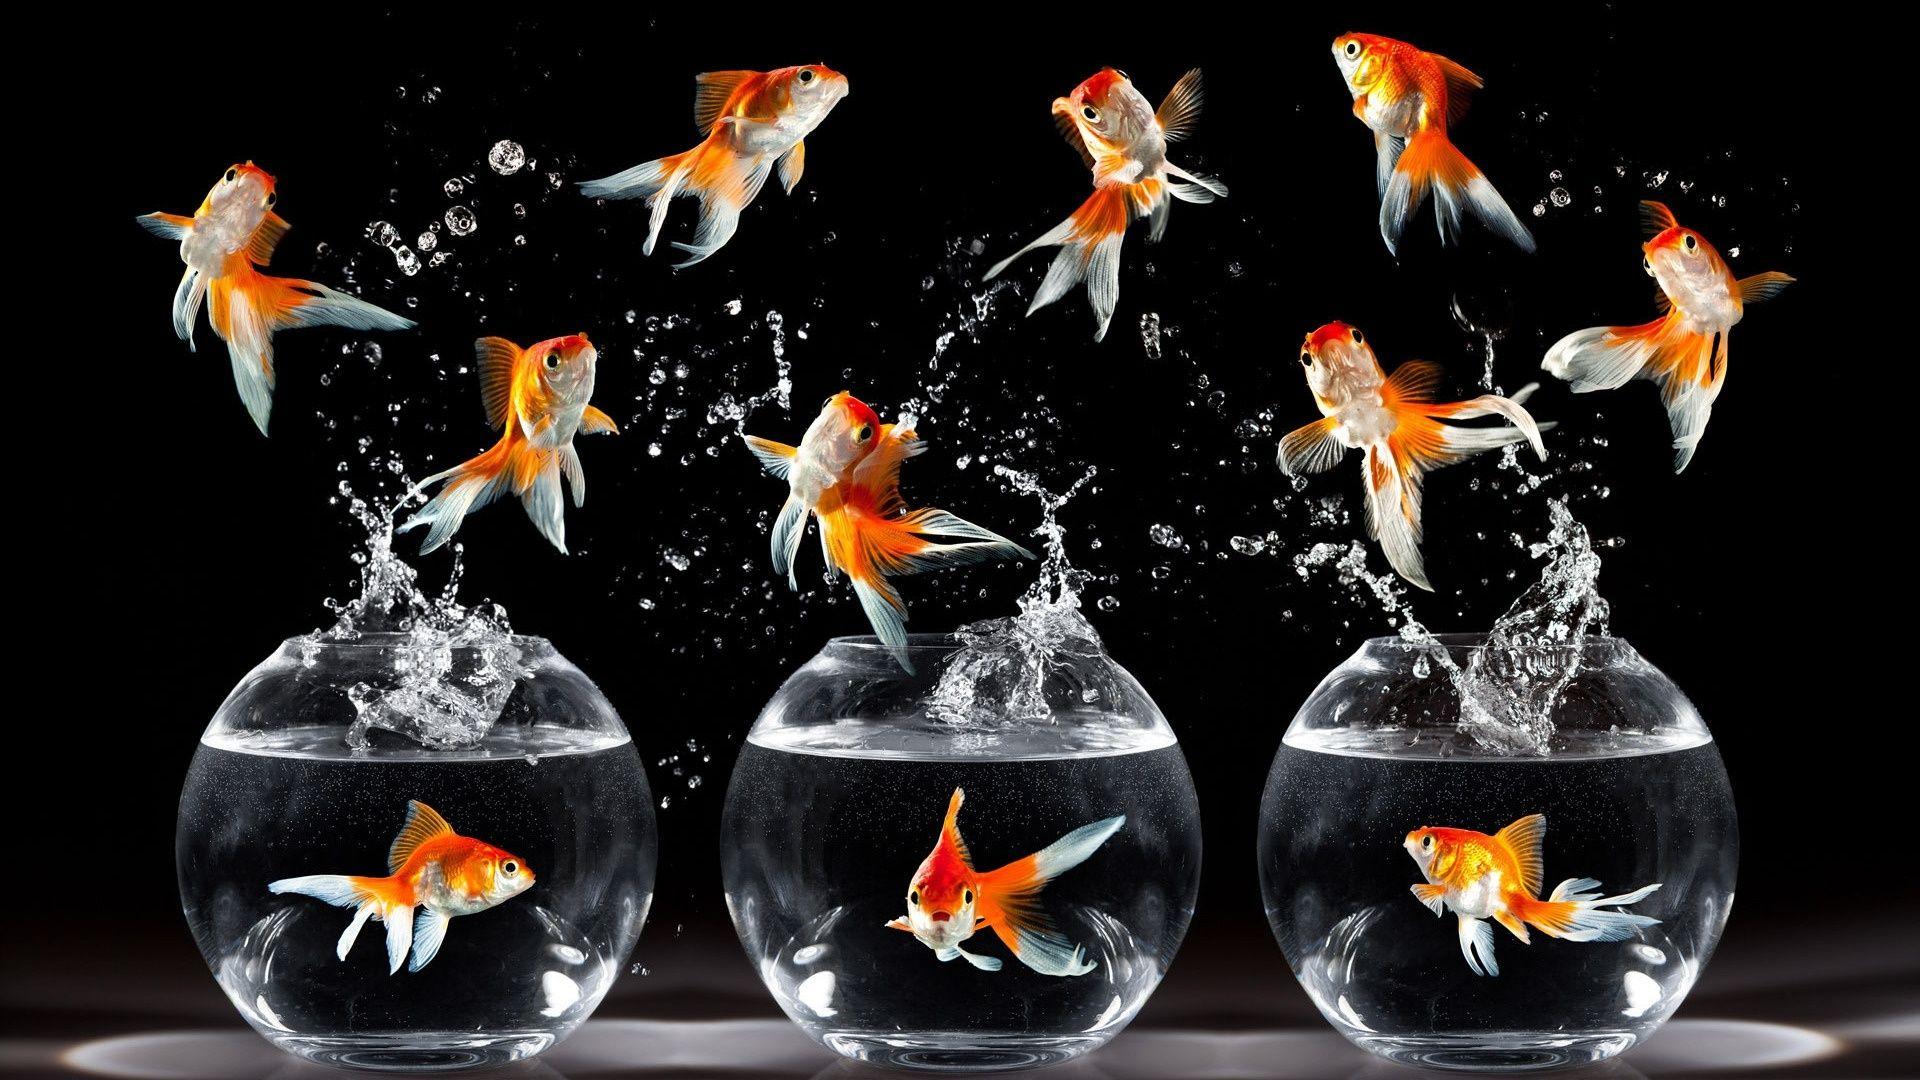 3 dôvody prečo užívať rybí olej